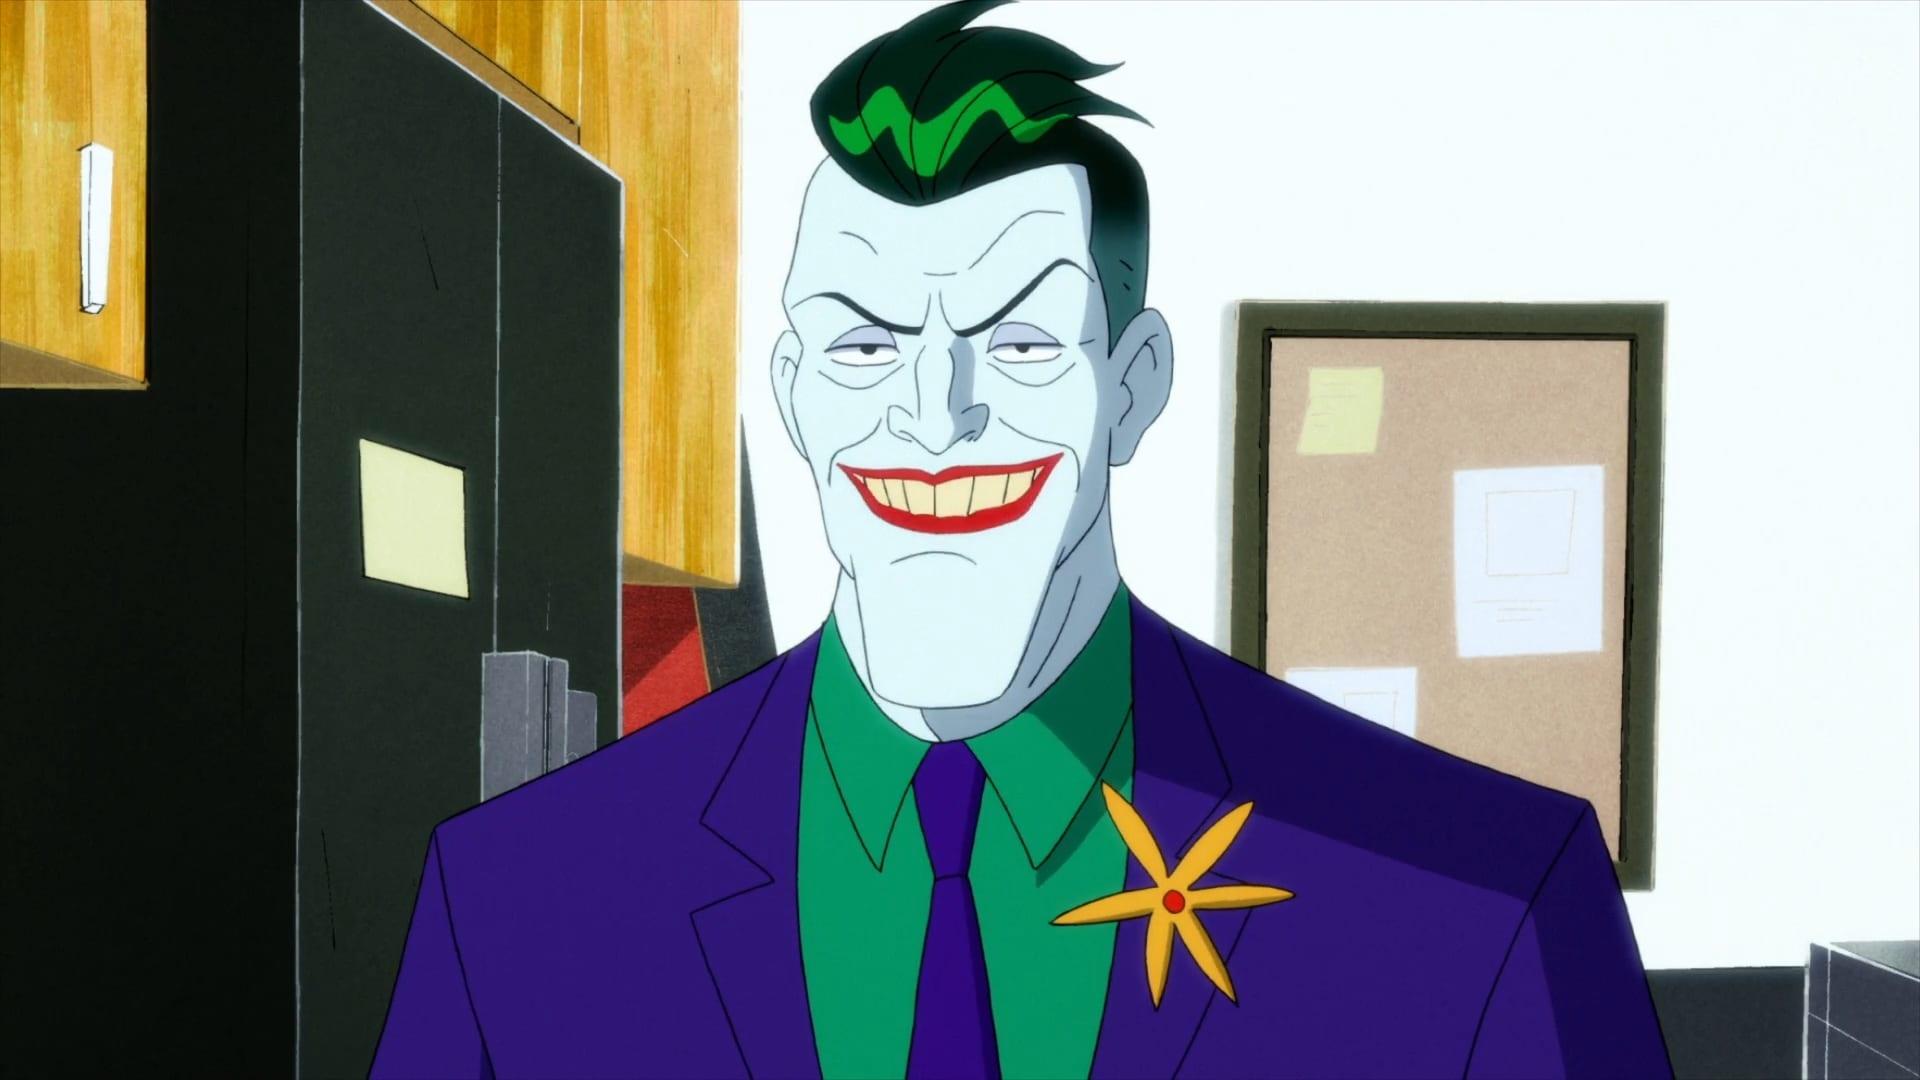 Joker_Harley_Quinn_TV_Series